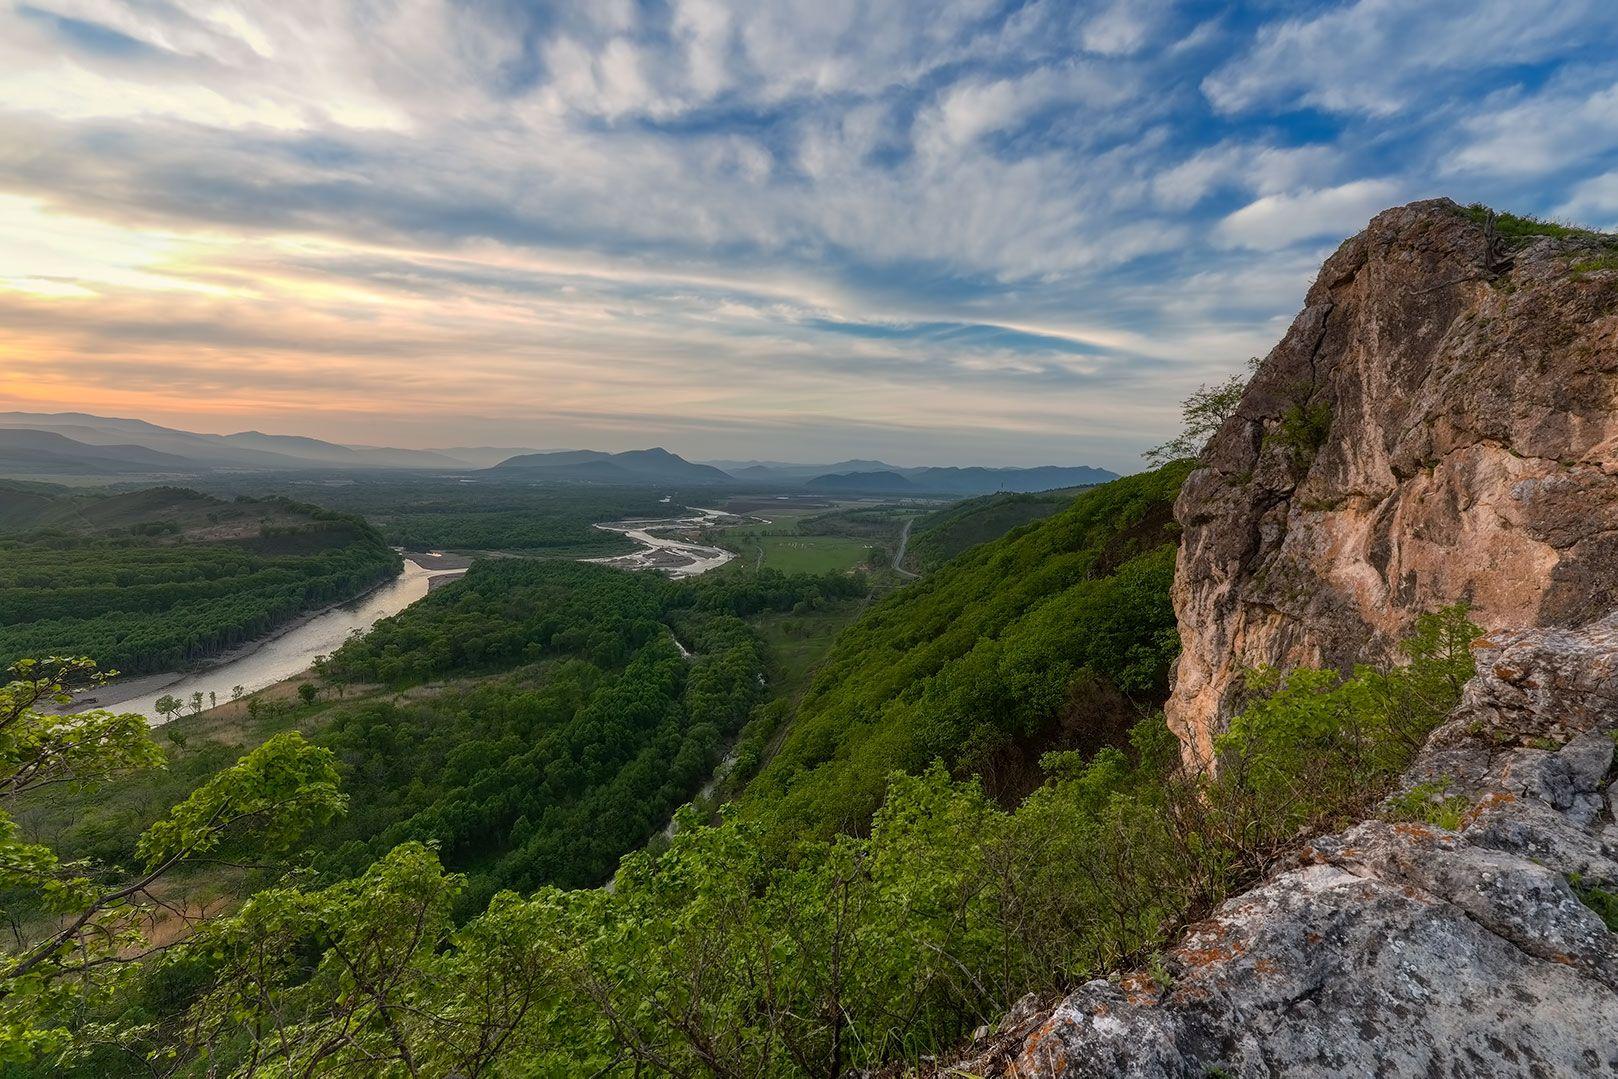 речная долина вечер горы закат Приморье река Партизанская весна 2021